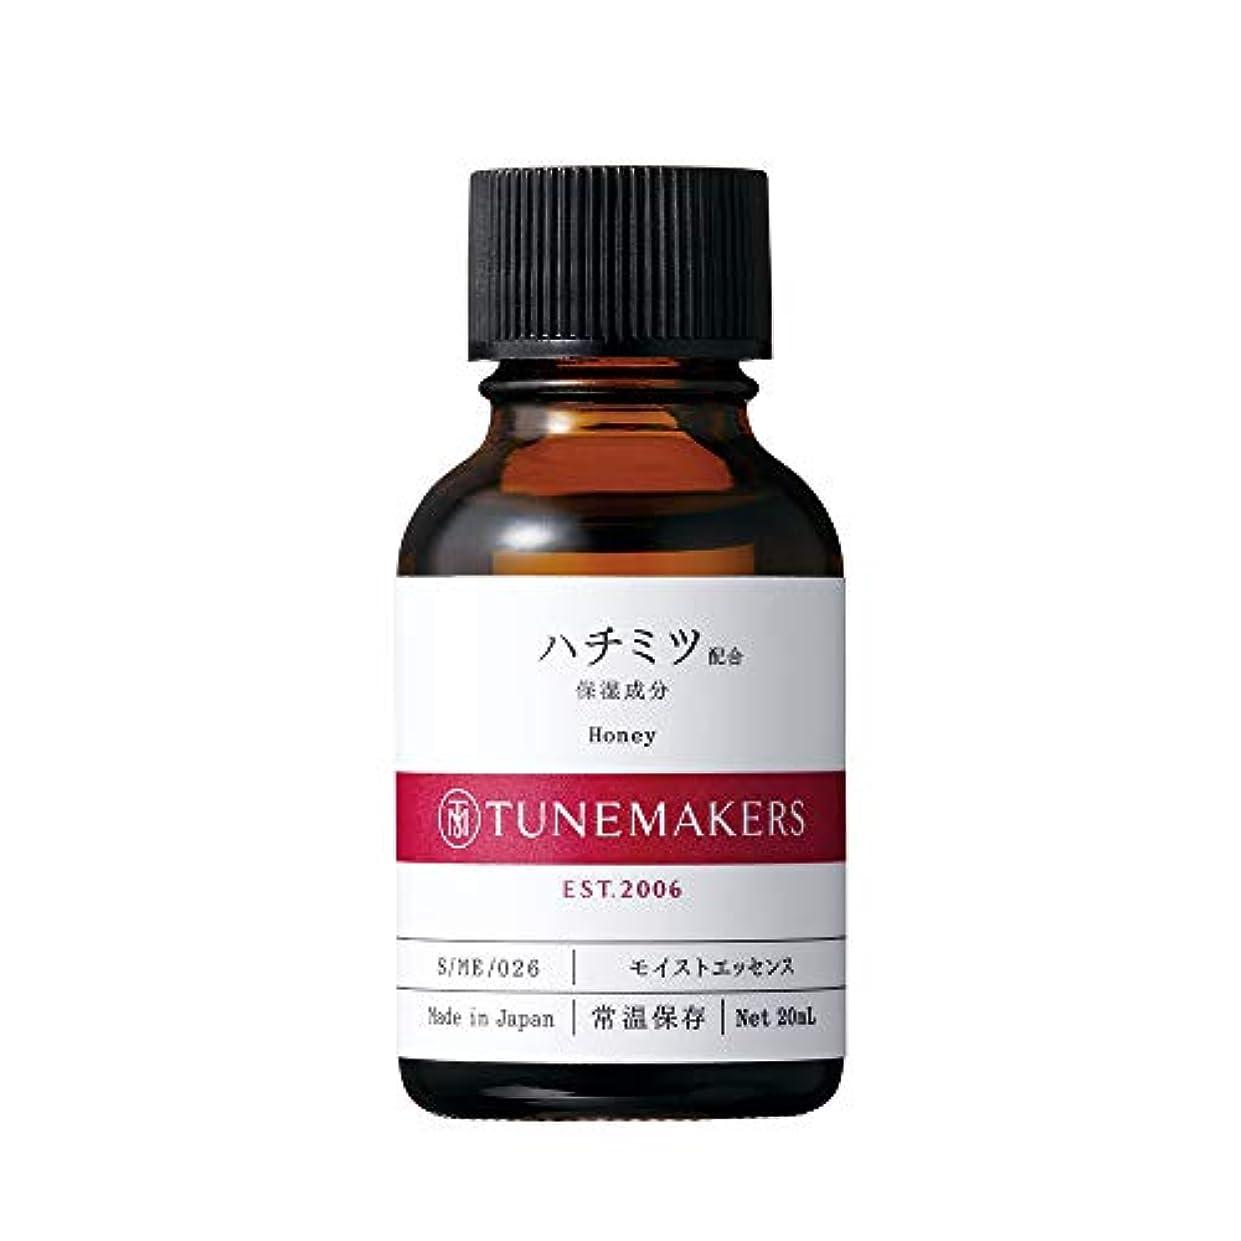 スライス近似主張するチューンメーカーズ ハチミツ 20ml 原液美容液 [乾燥ケア] リニューアル商品